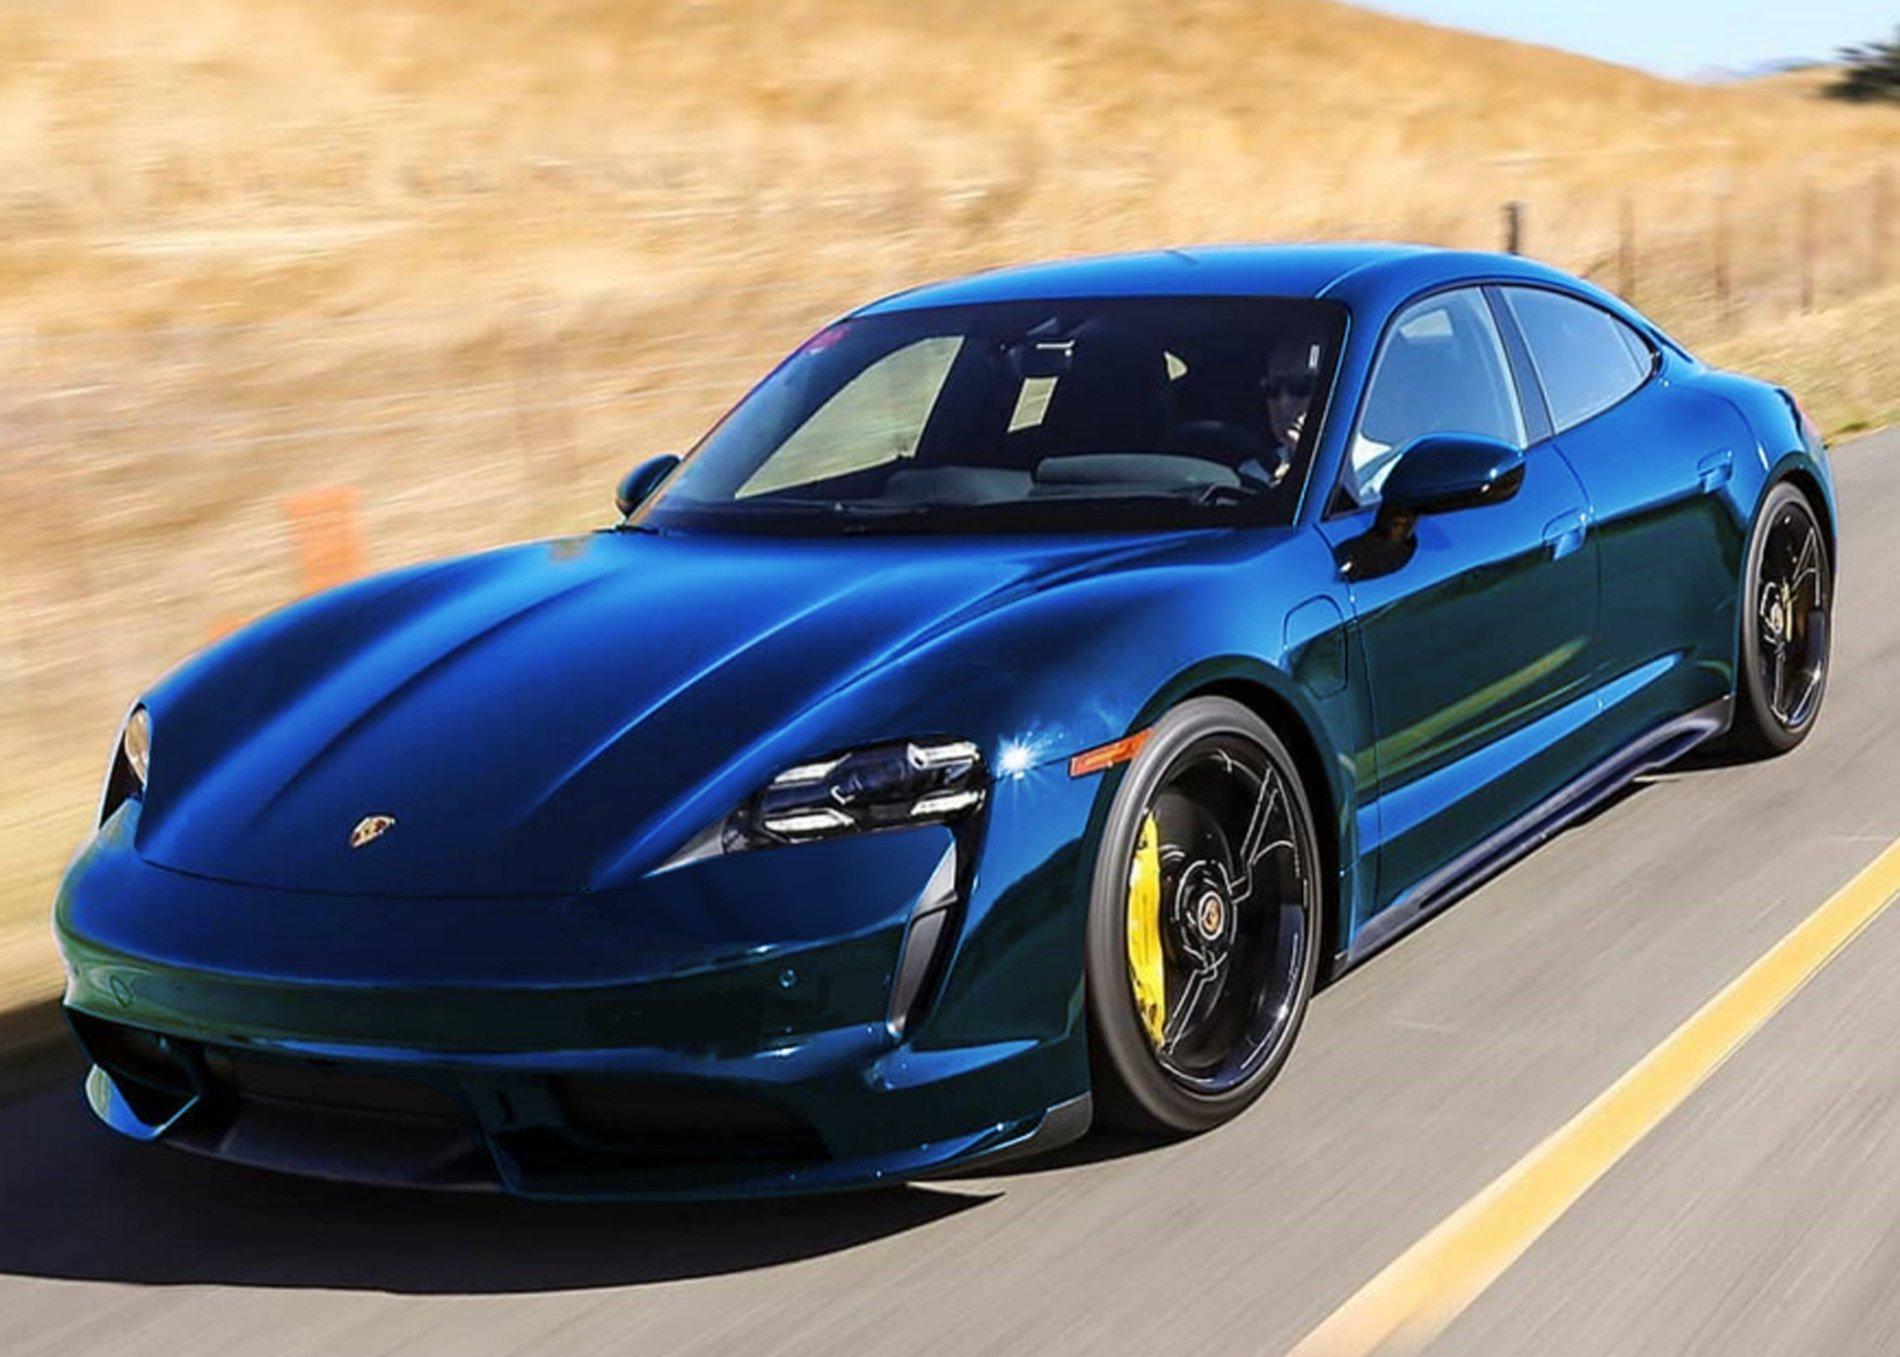 Porsche-Taycan-renderings-2